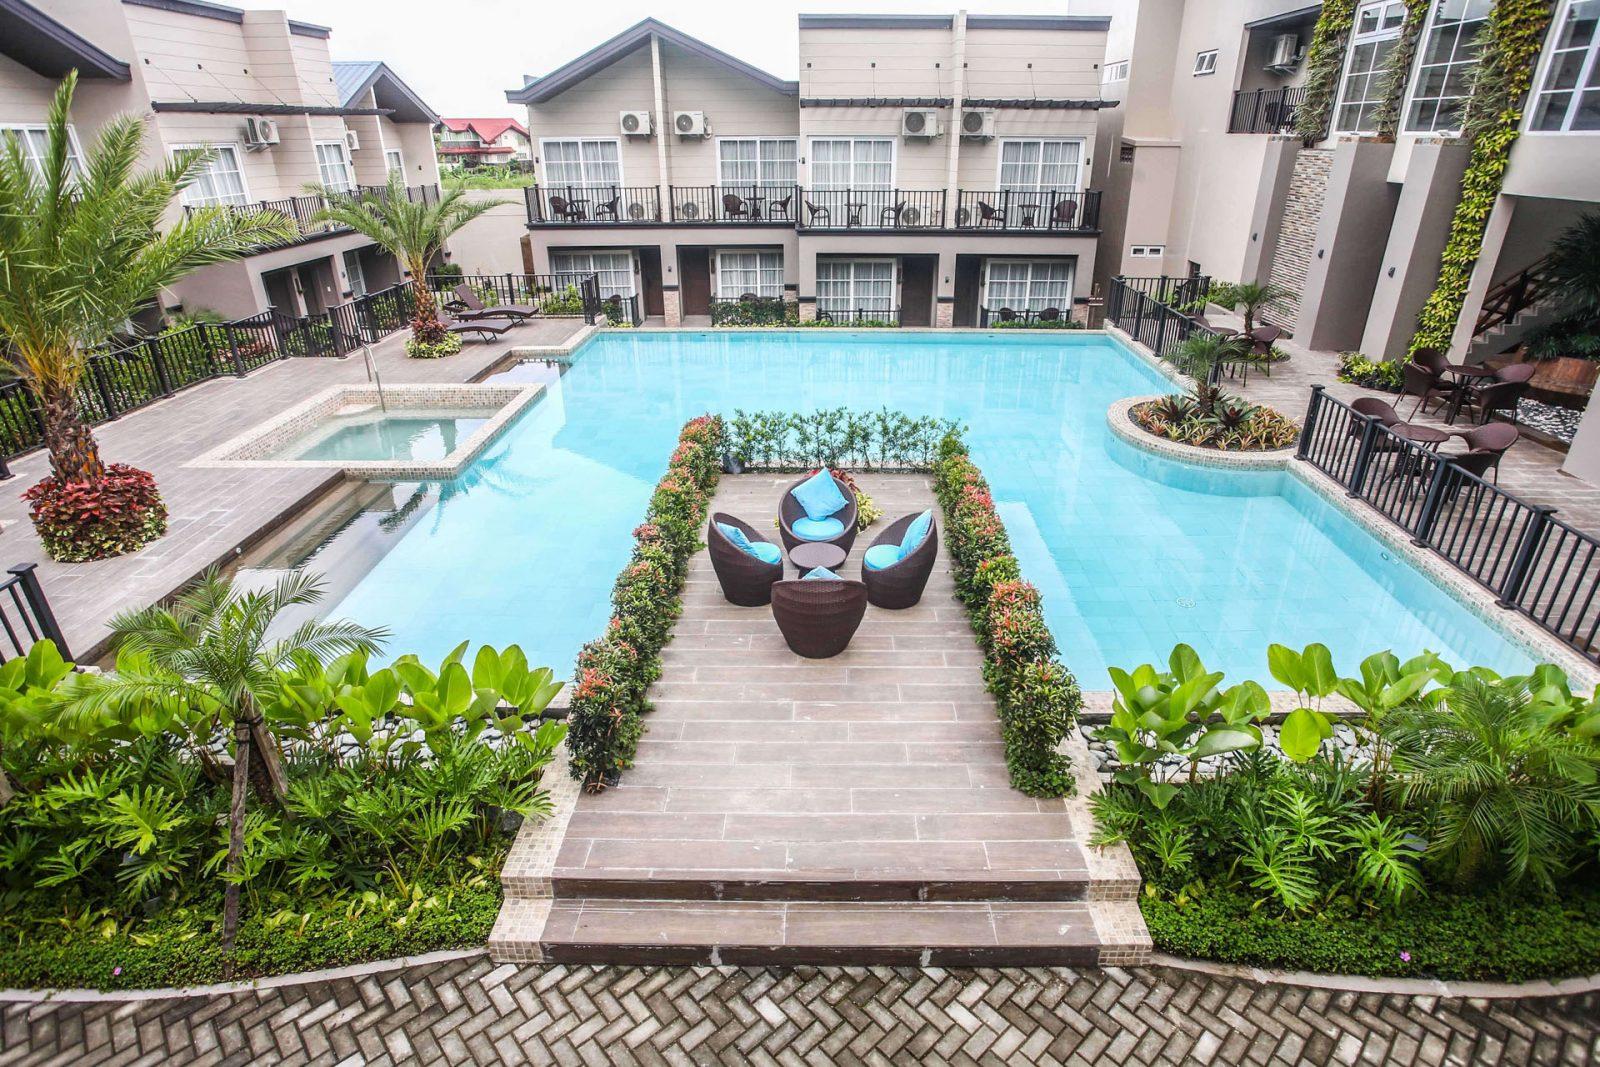 Royale Parc Hotel pool copy